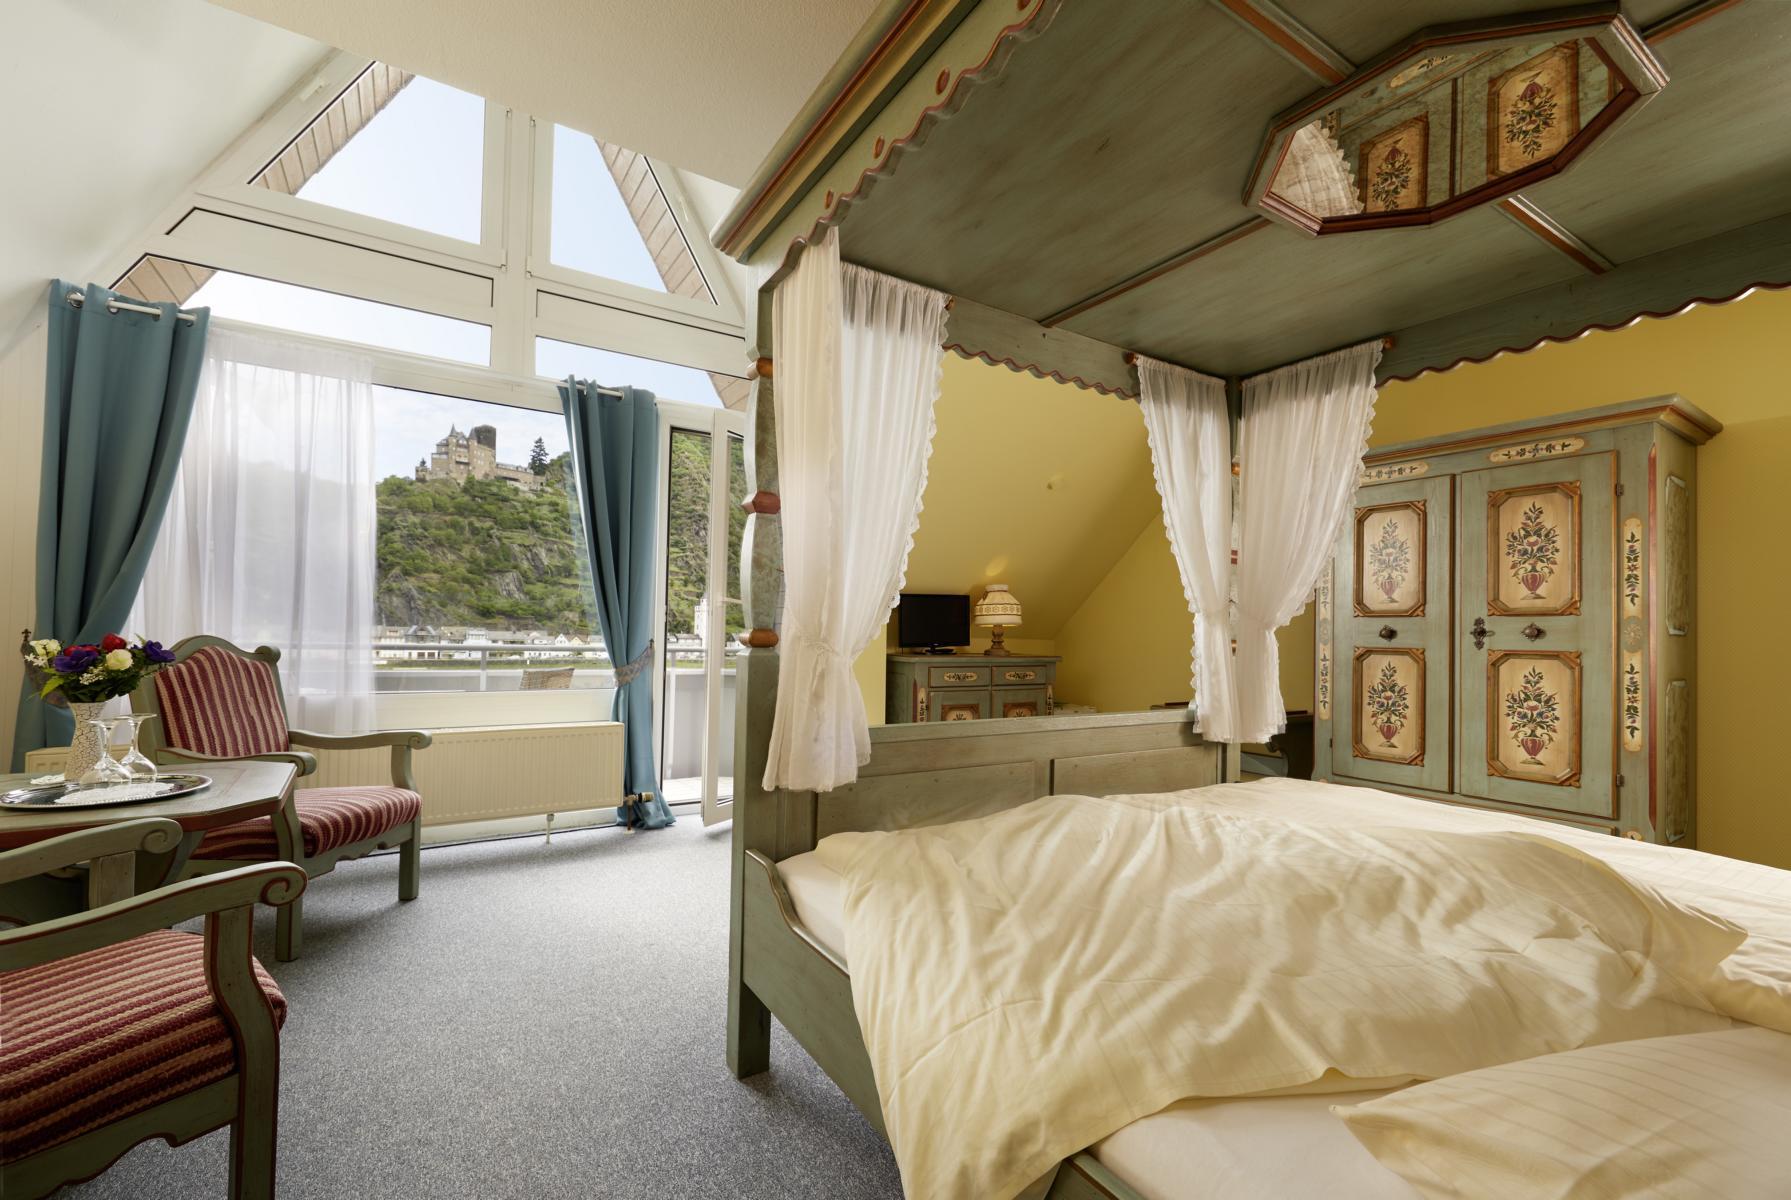 Hotel Rheinperle Urlaub In St Goar